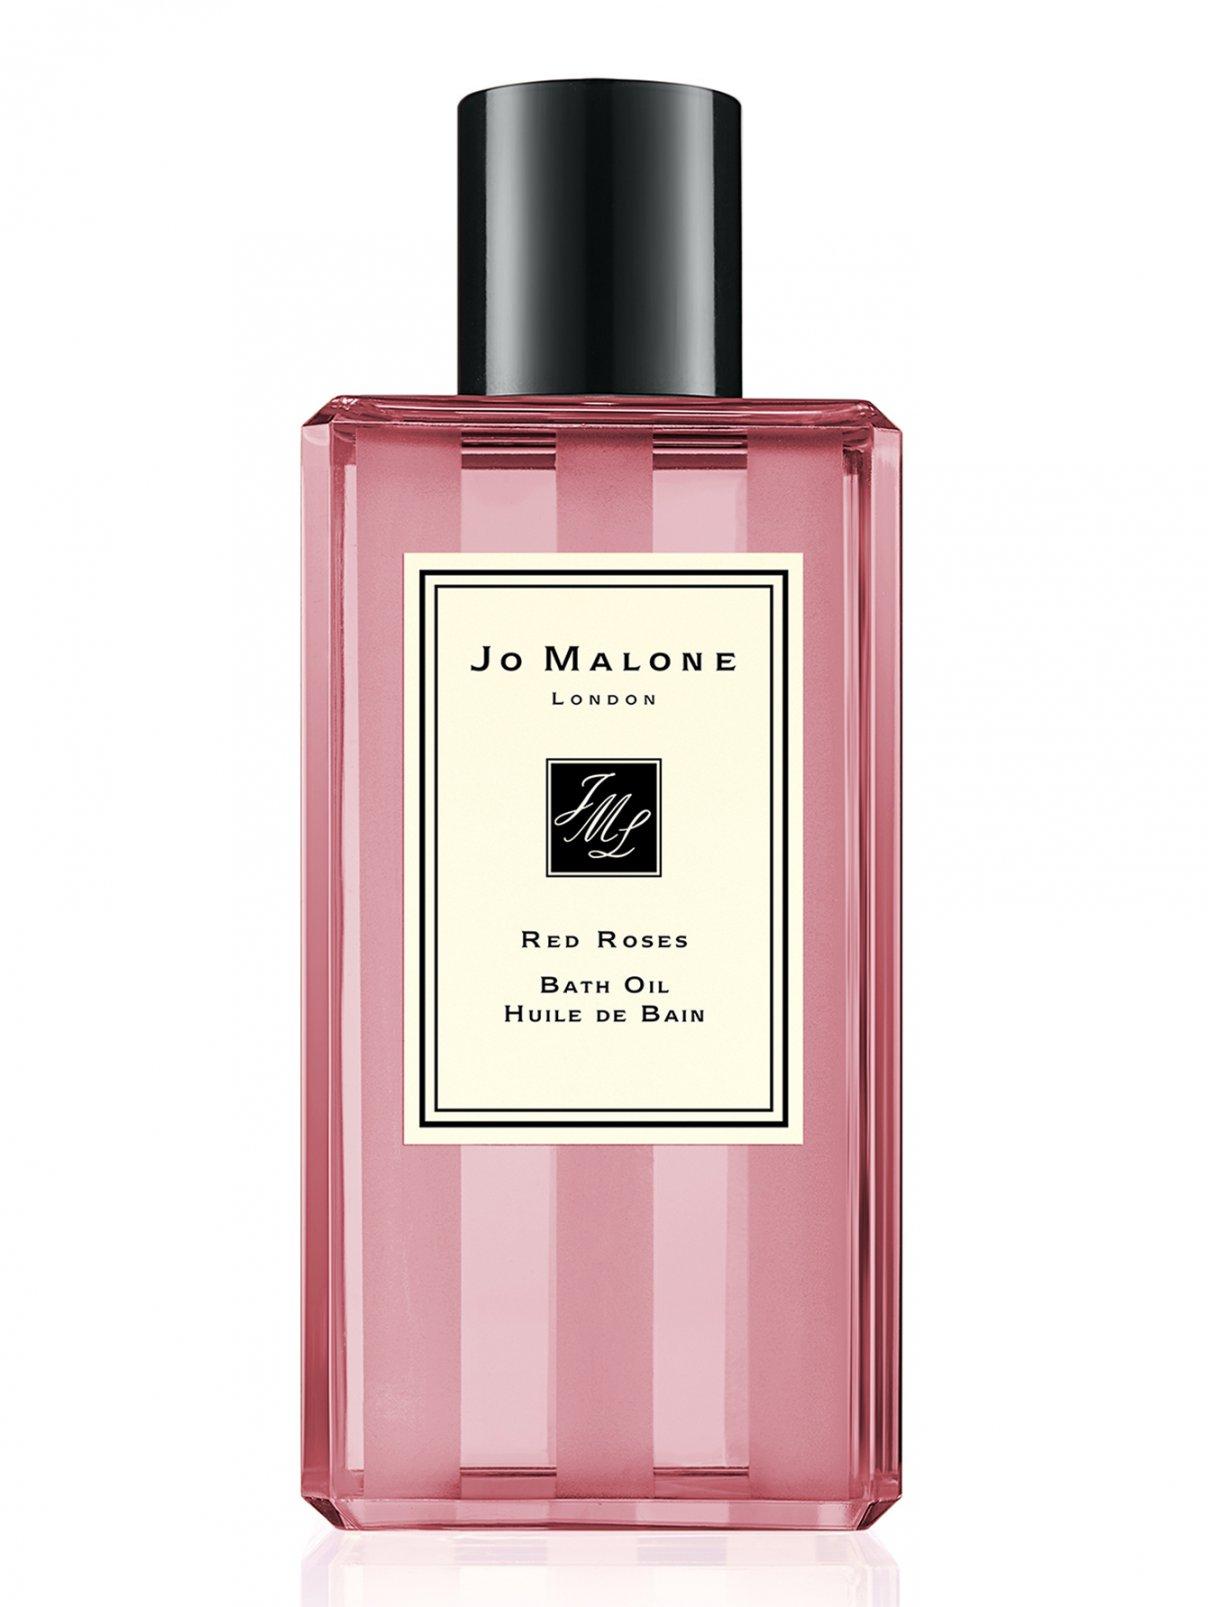 Масло для ванны - Red Roses, 250ml Jo Malone  –  Общий вид